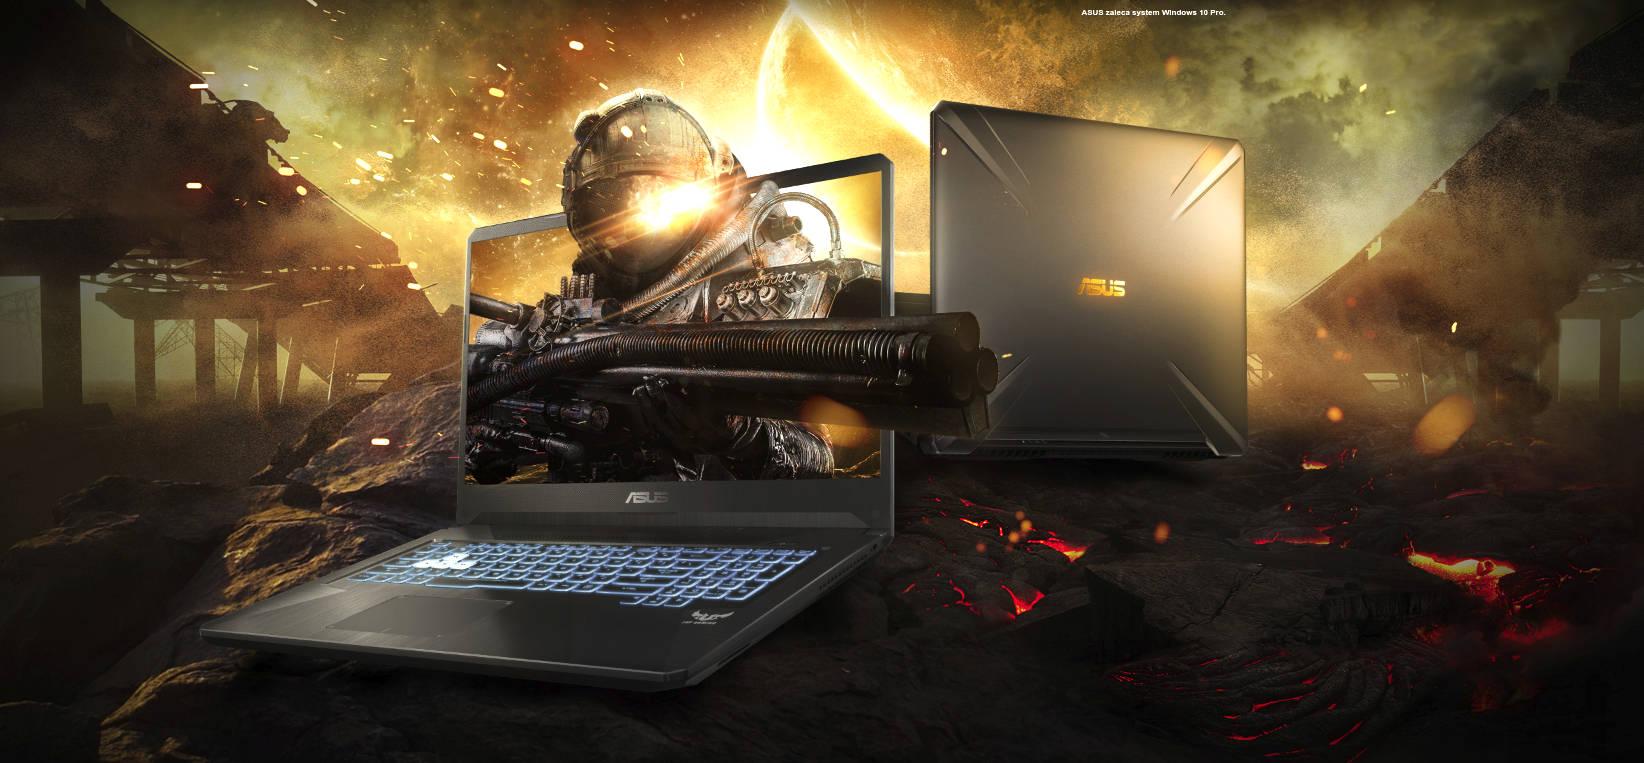 ASUS wprowadza wytrzymałe laptopy gamingowe FX505 i FX705 z MIL-STD-810G